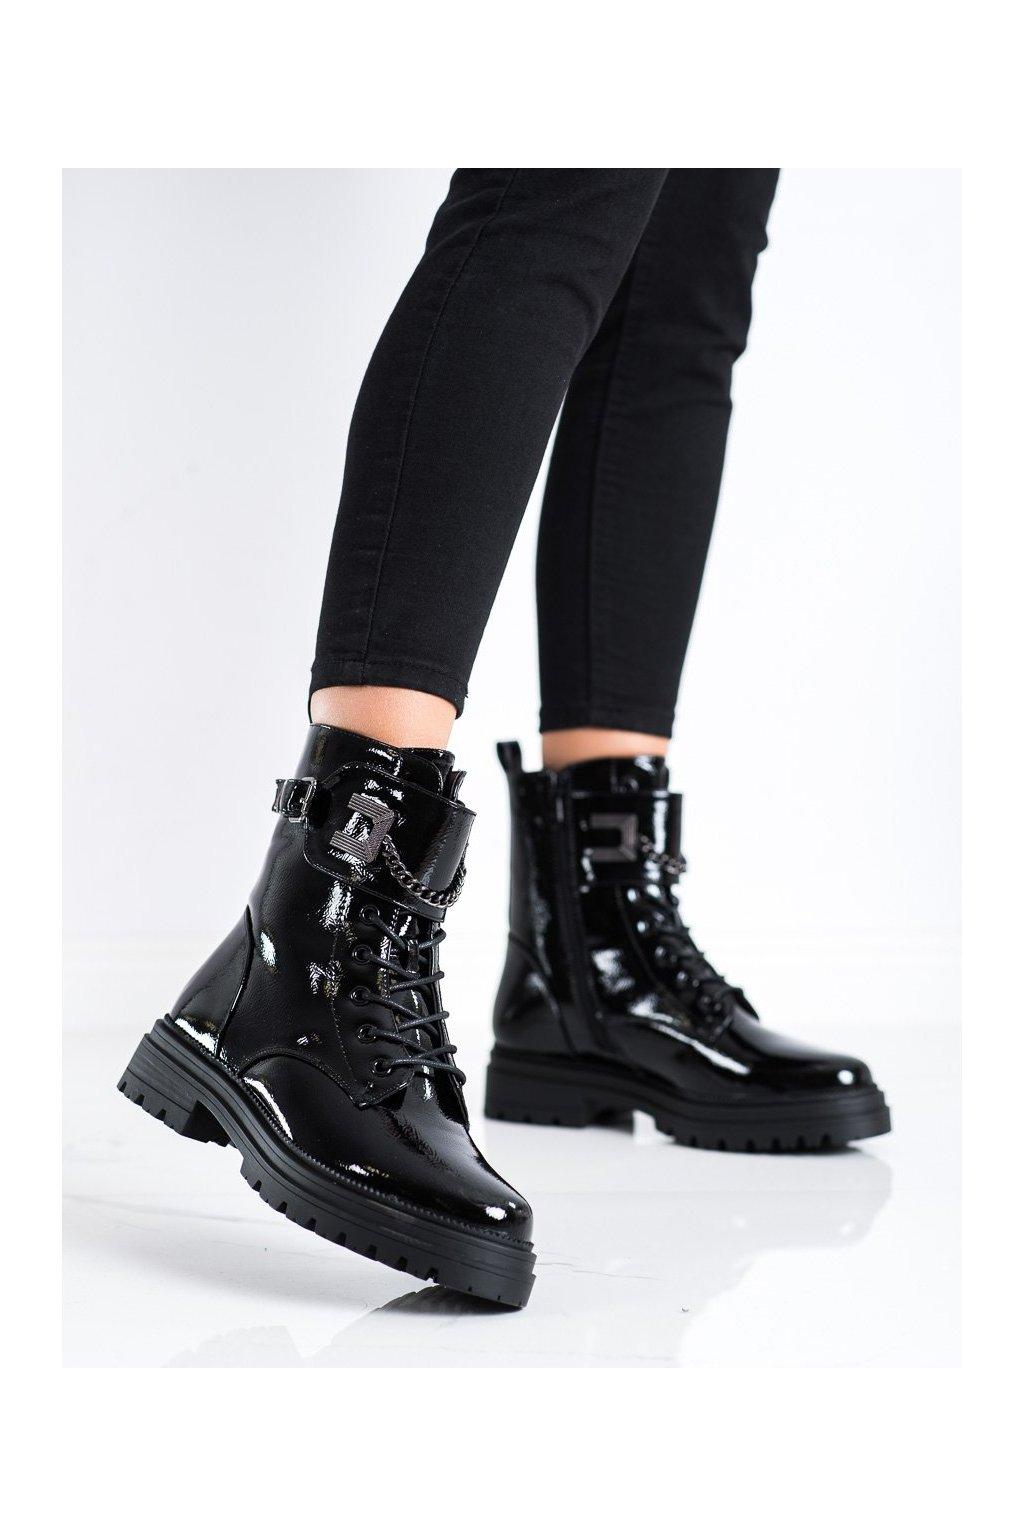 Čierne dámske topánky S. barski kod 34-55B